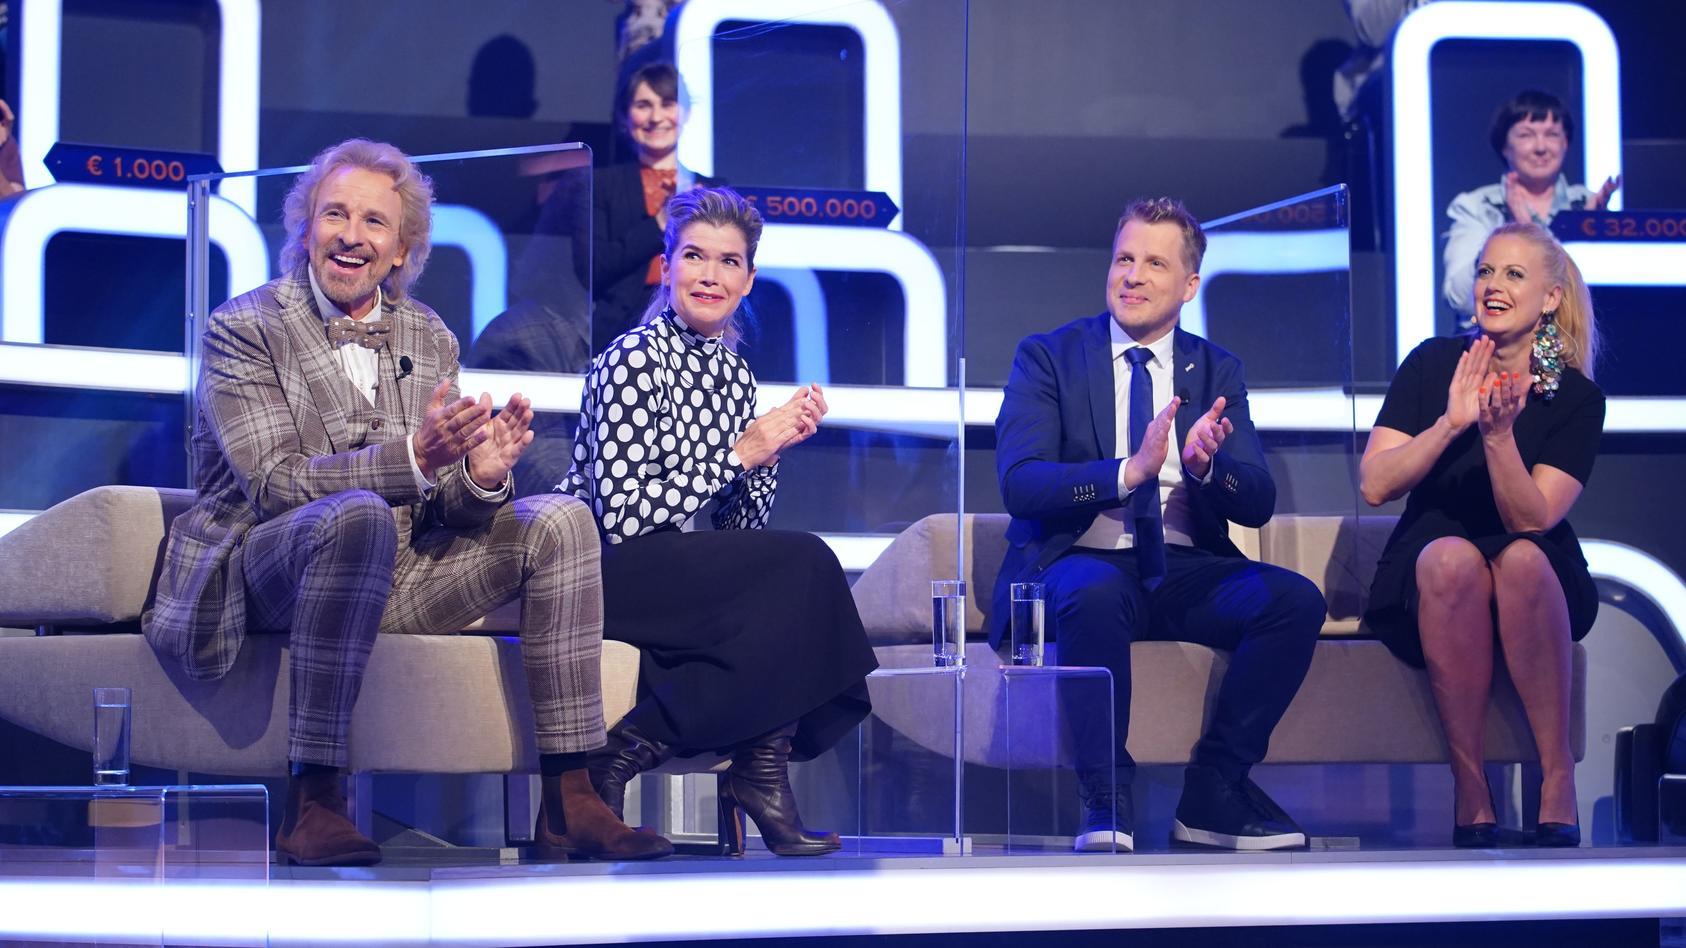 Günther Jauchs prominente Zocker-Kandidaten: Thomas Gottschalk, Anke Engelke, Oliver Pocher und Barbara Schöneberger